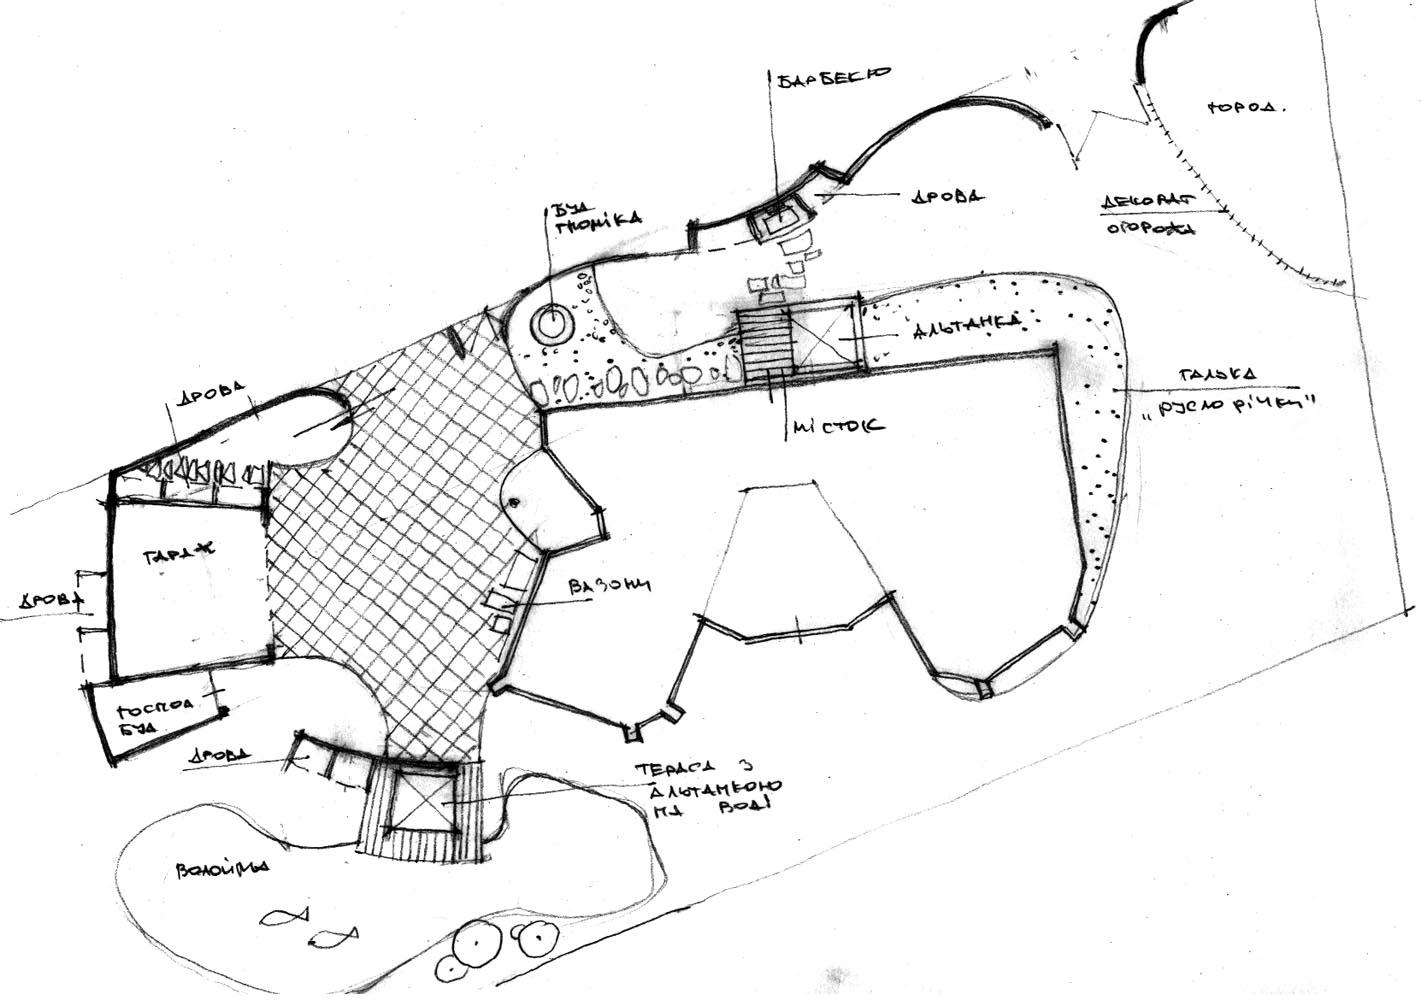 Перший ескіз планування території.